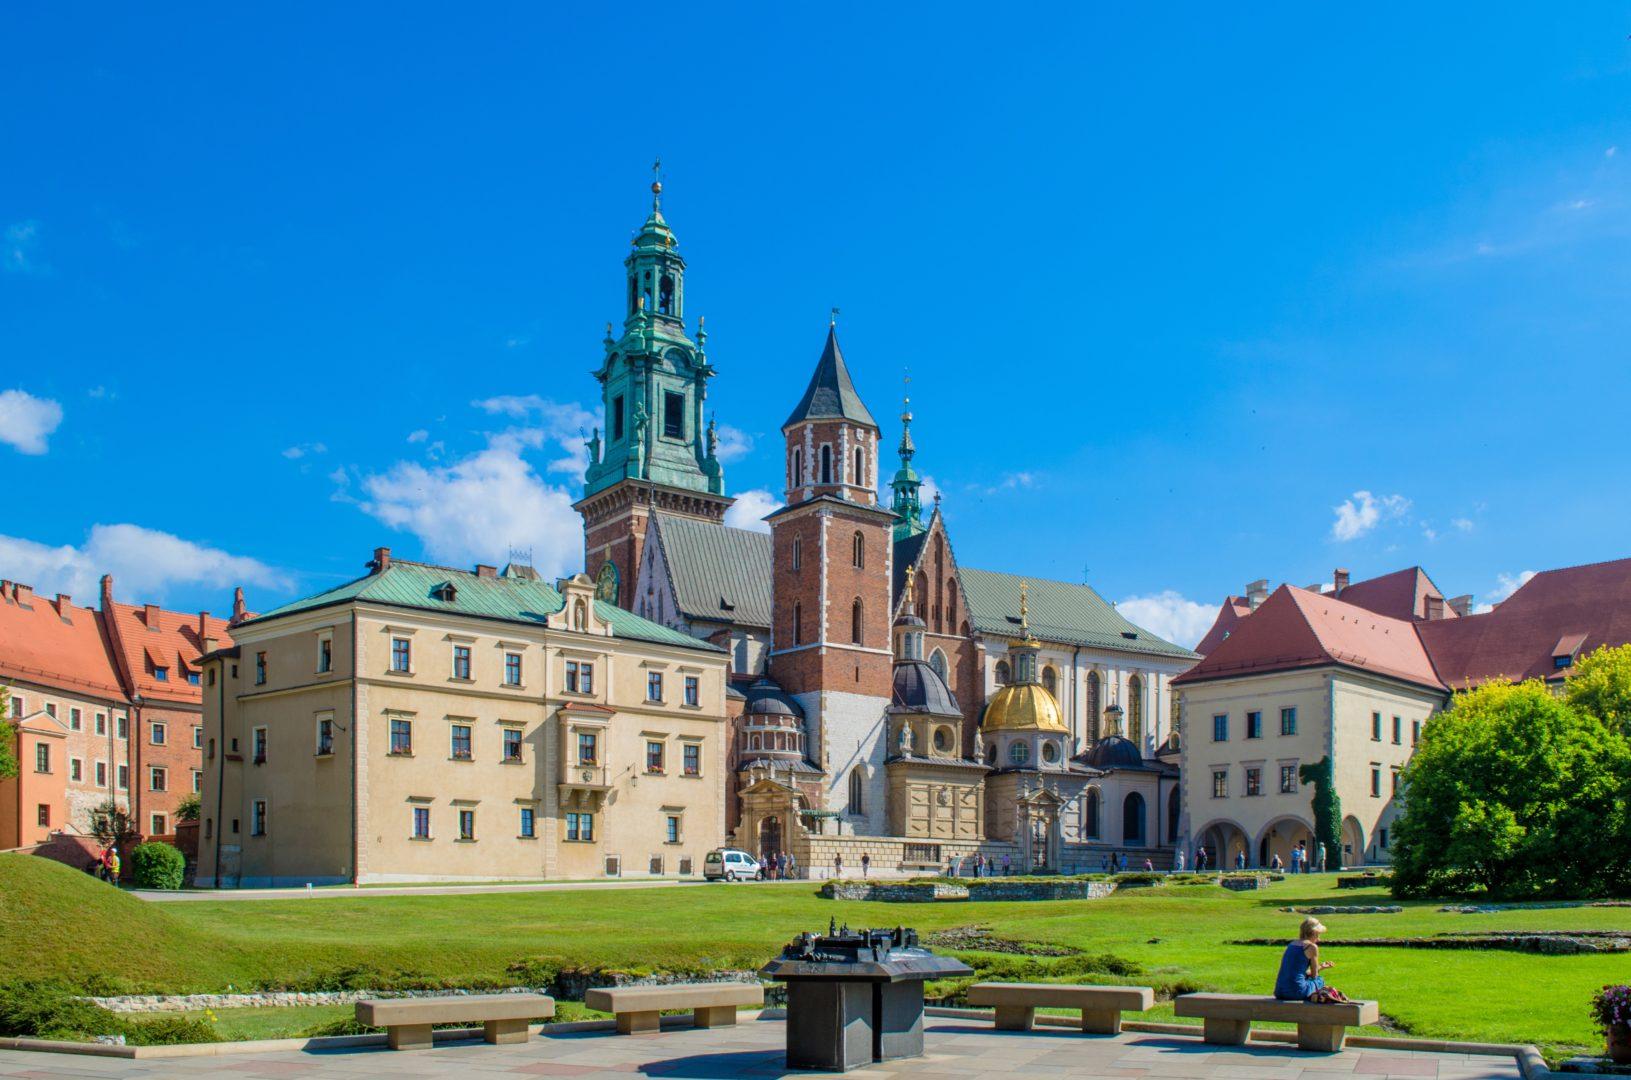 What should I visit in Krakow?